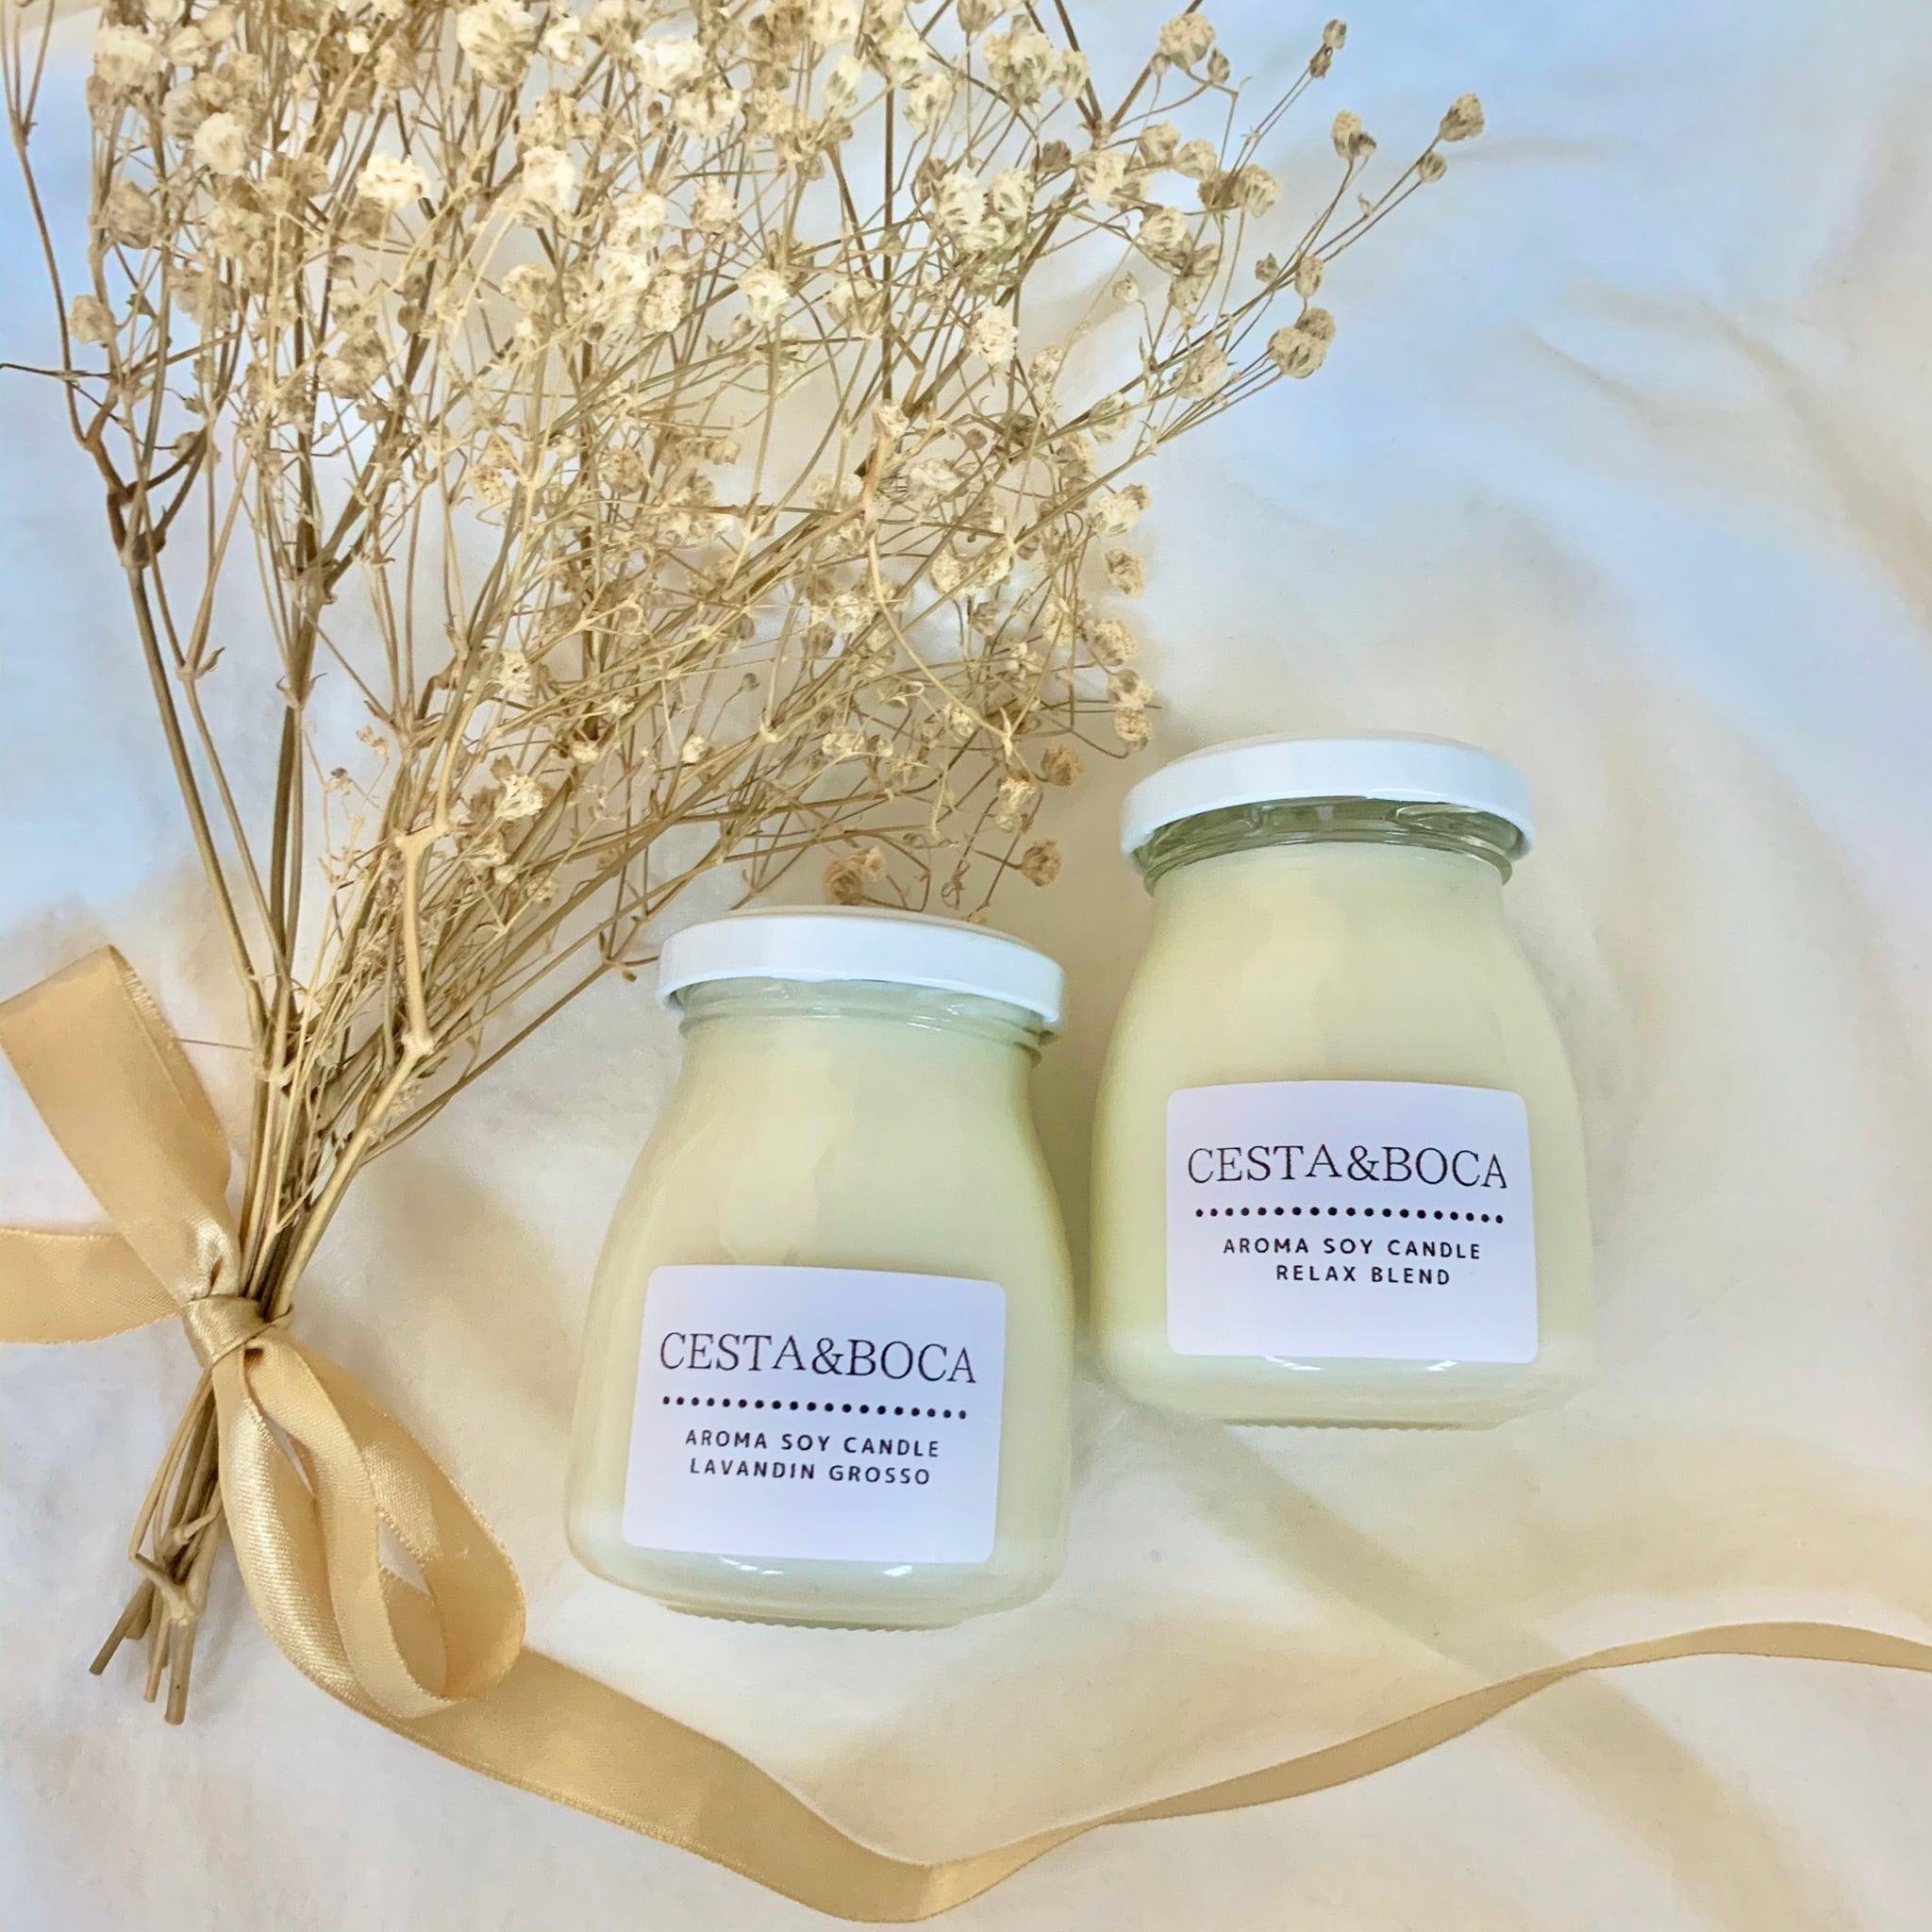 CESTA&BOCA アロマソイキャンドル (3種類の精油からお選びいただけます)